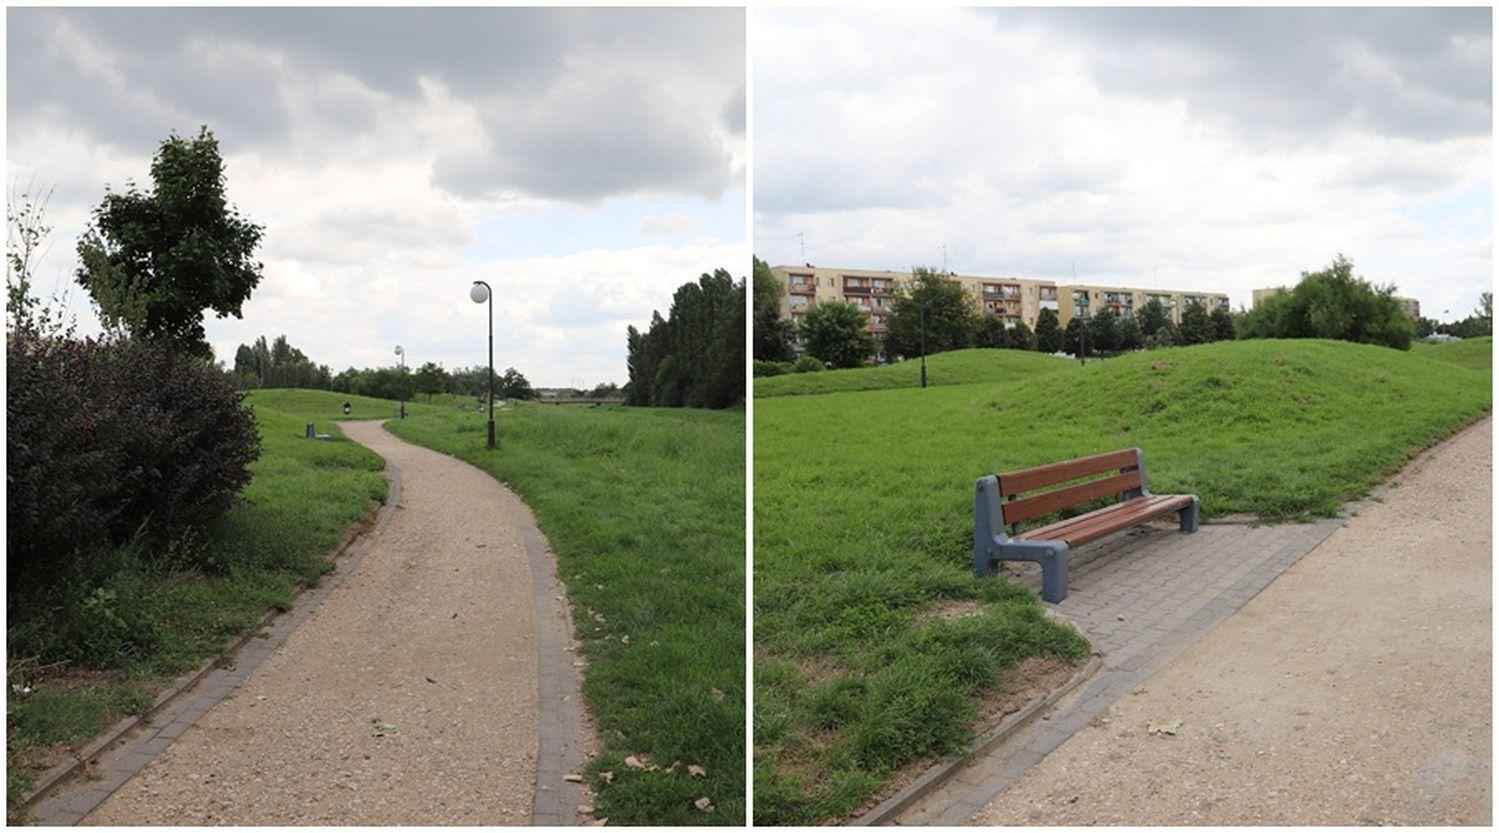 Zmiany w Parku nad Ochnią. Wykorzystano materiały z remontu Wybickiego [ZDJĘCIA] - Zdjęcie główne